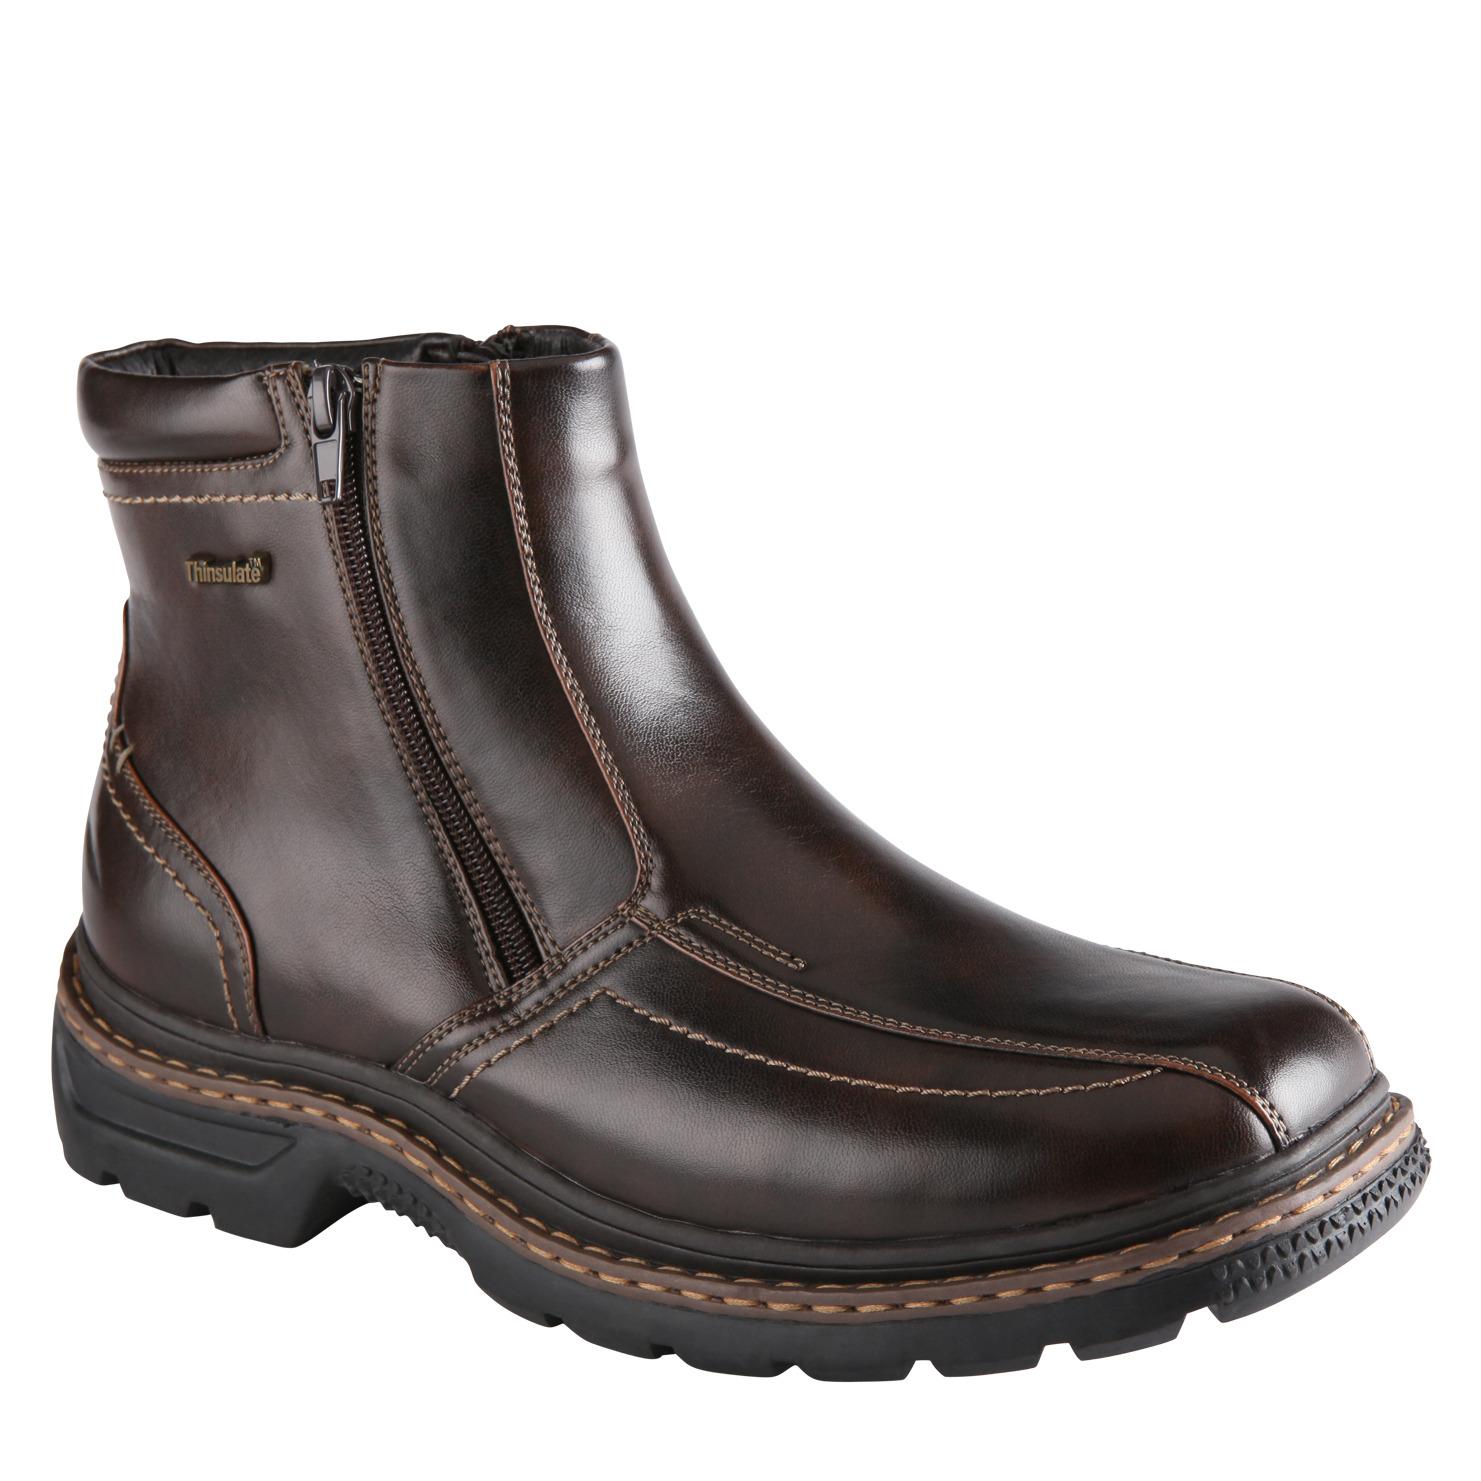 Aldo Shoes Mens Bags